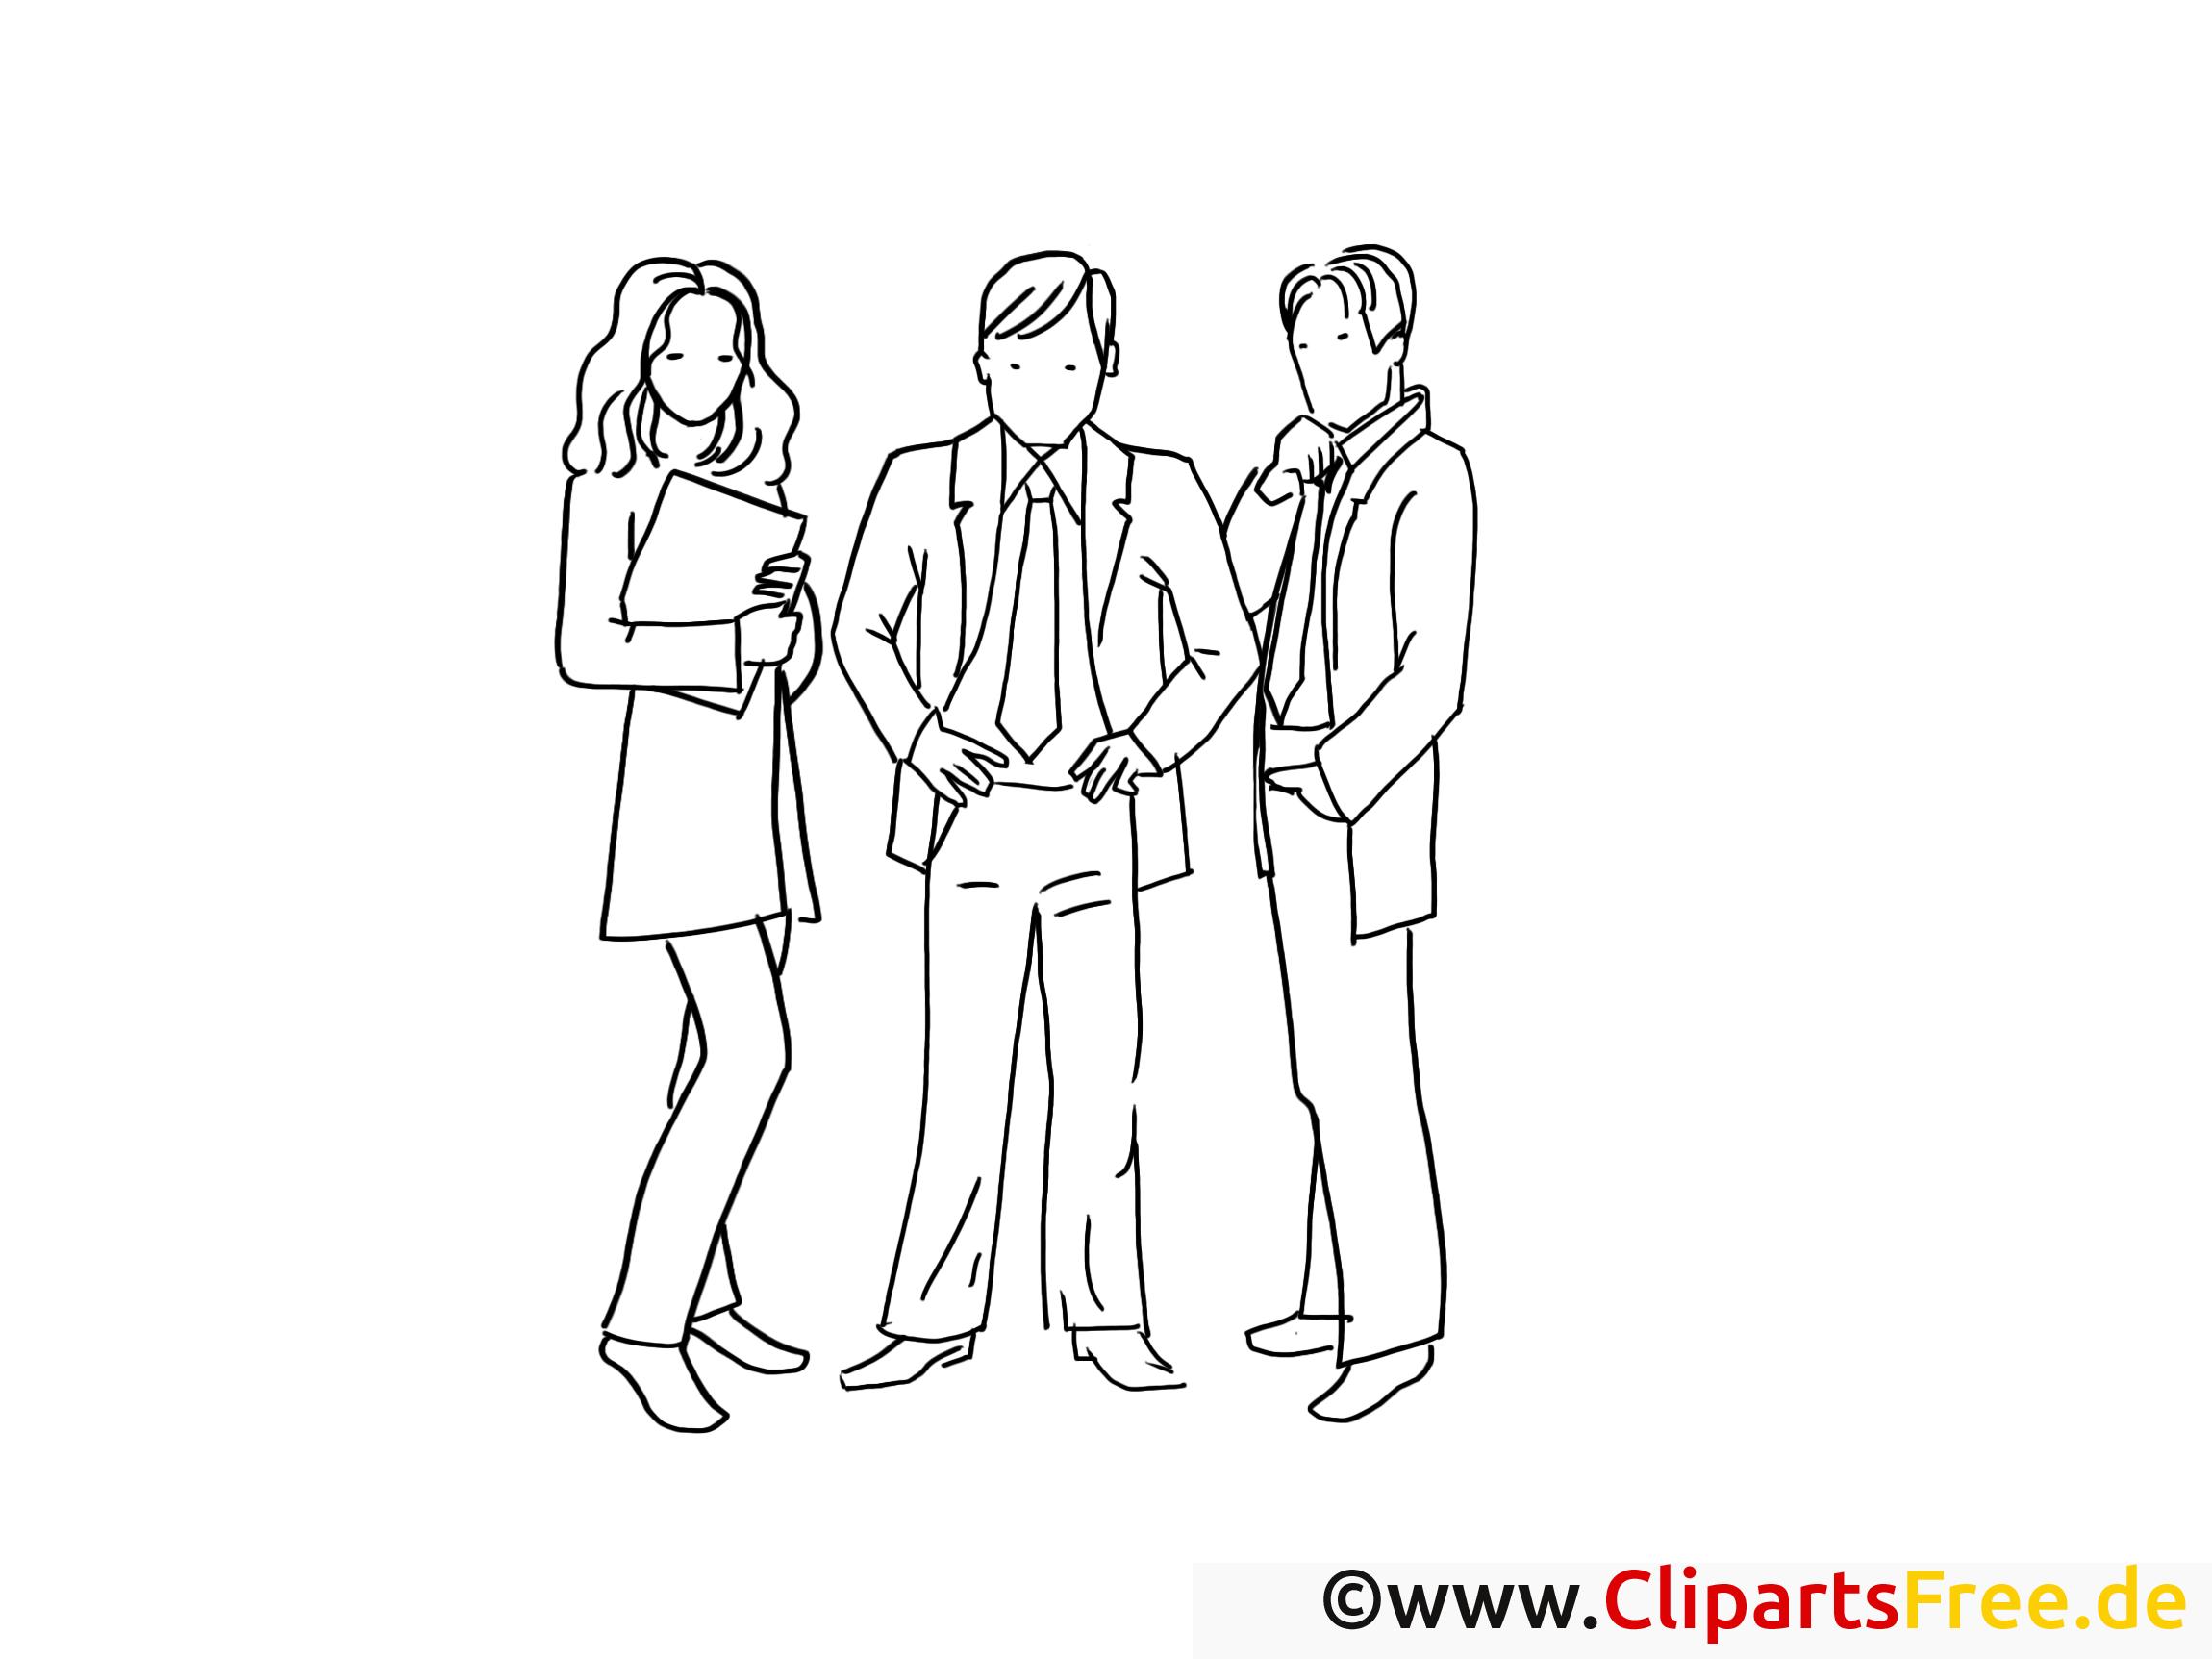 Collegues illustration – Travail à imprimer